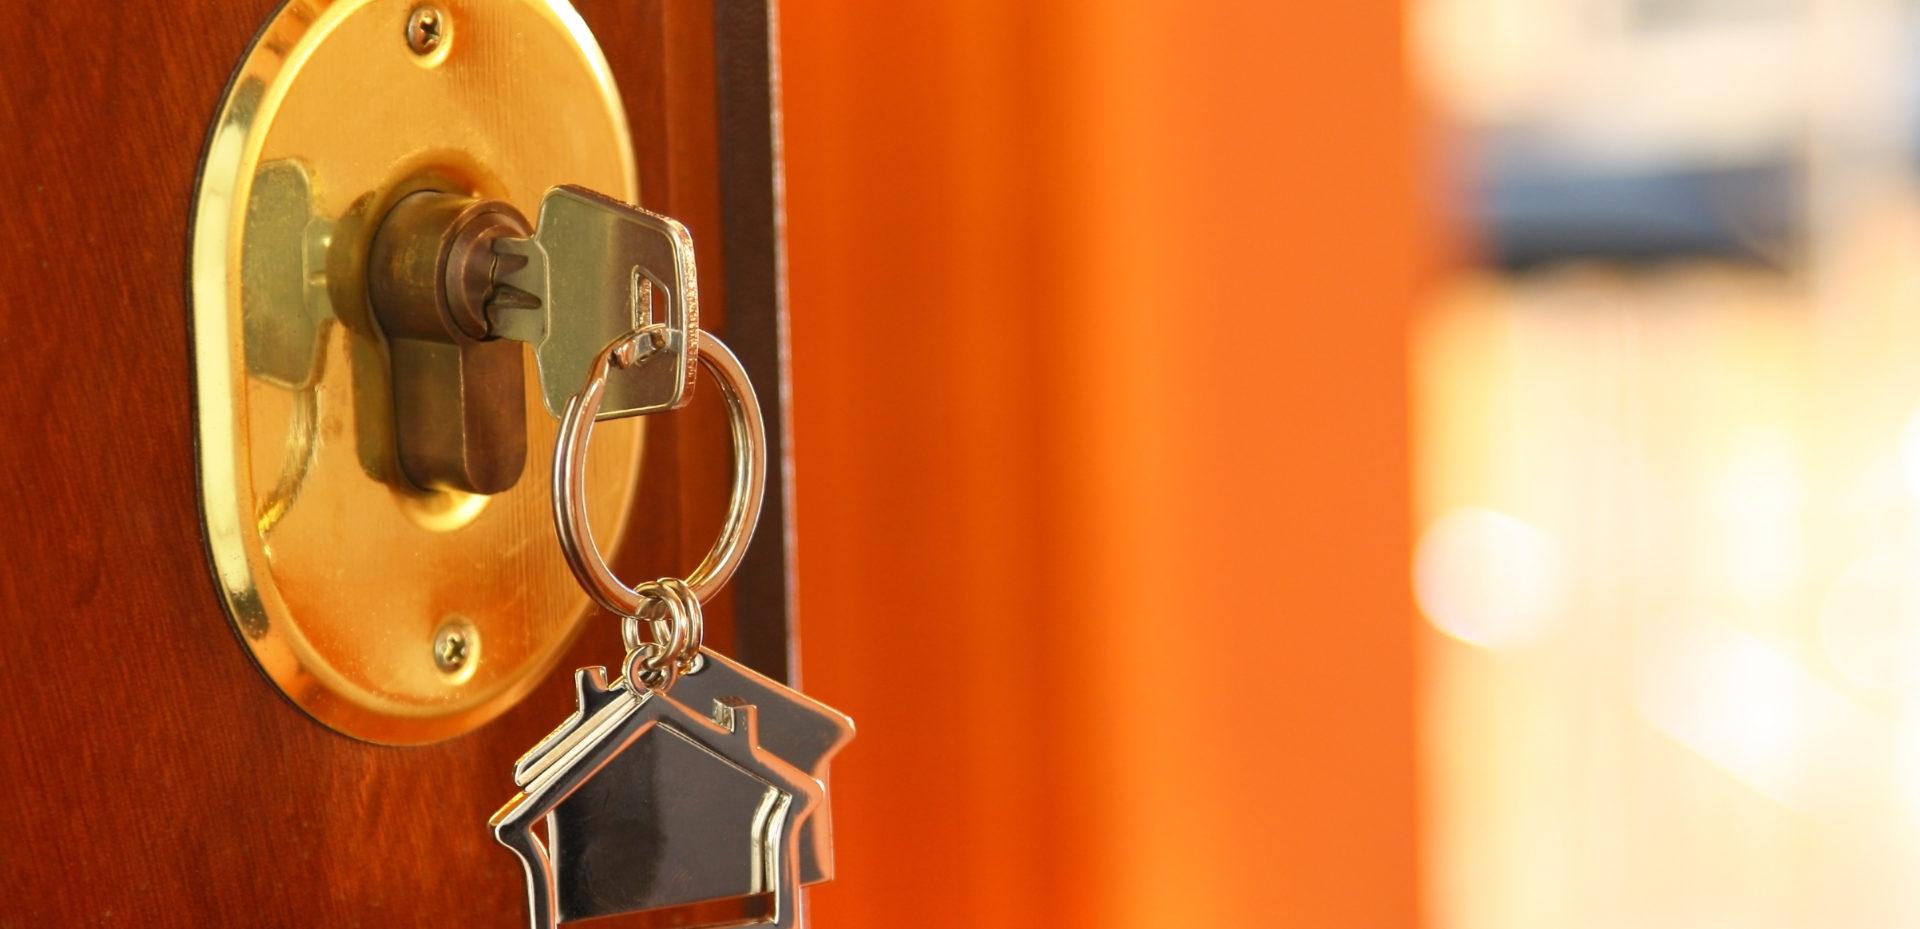 key in a door lock